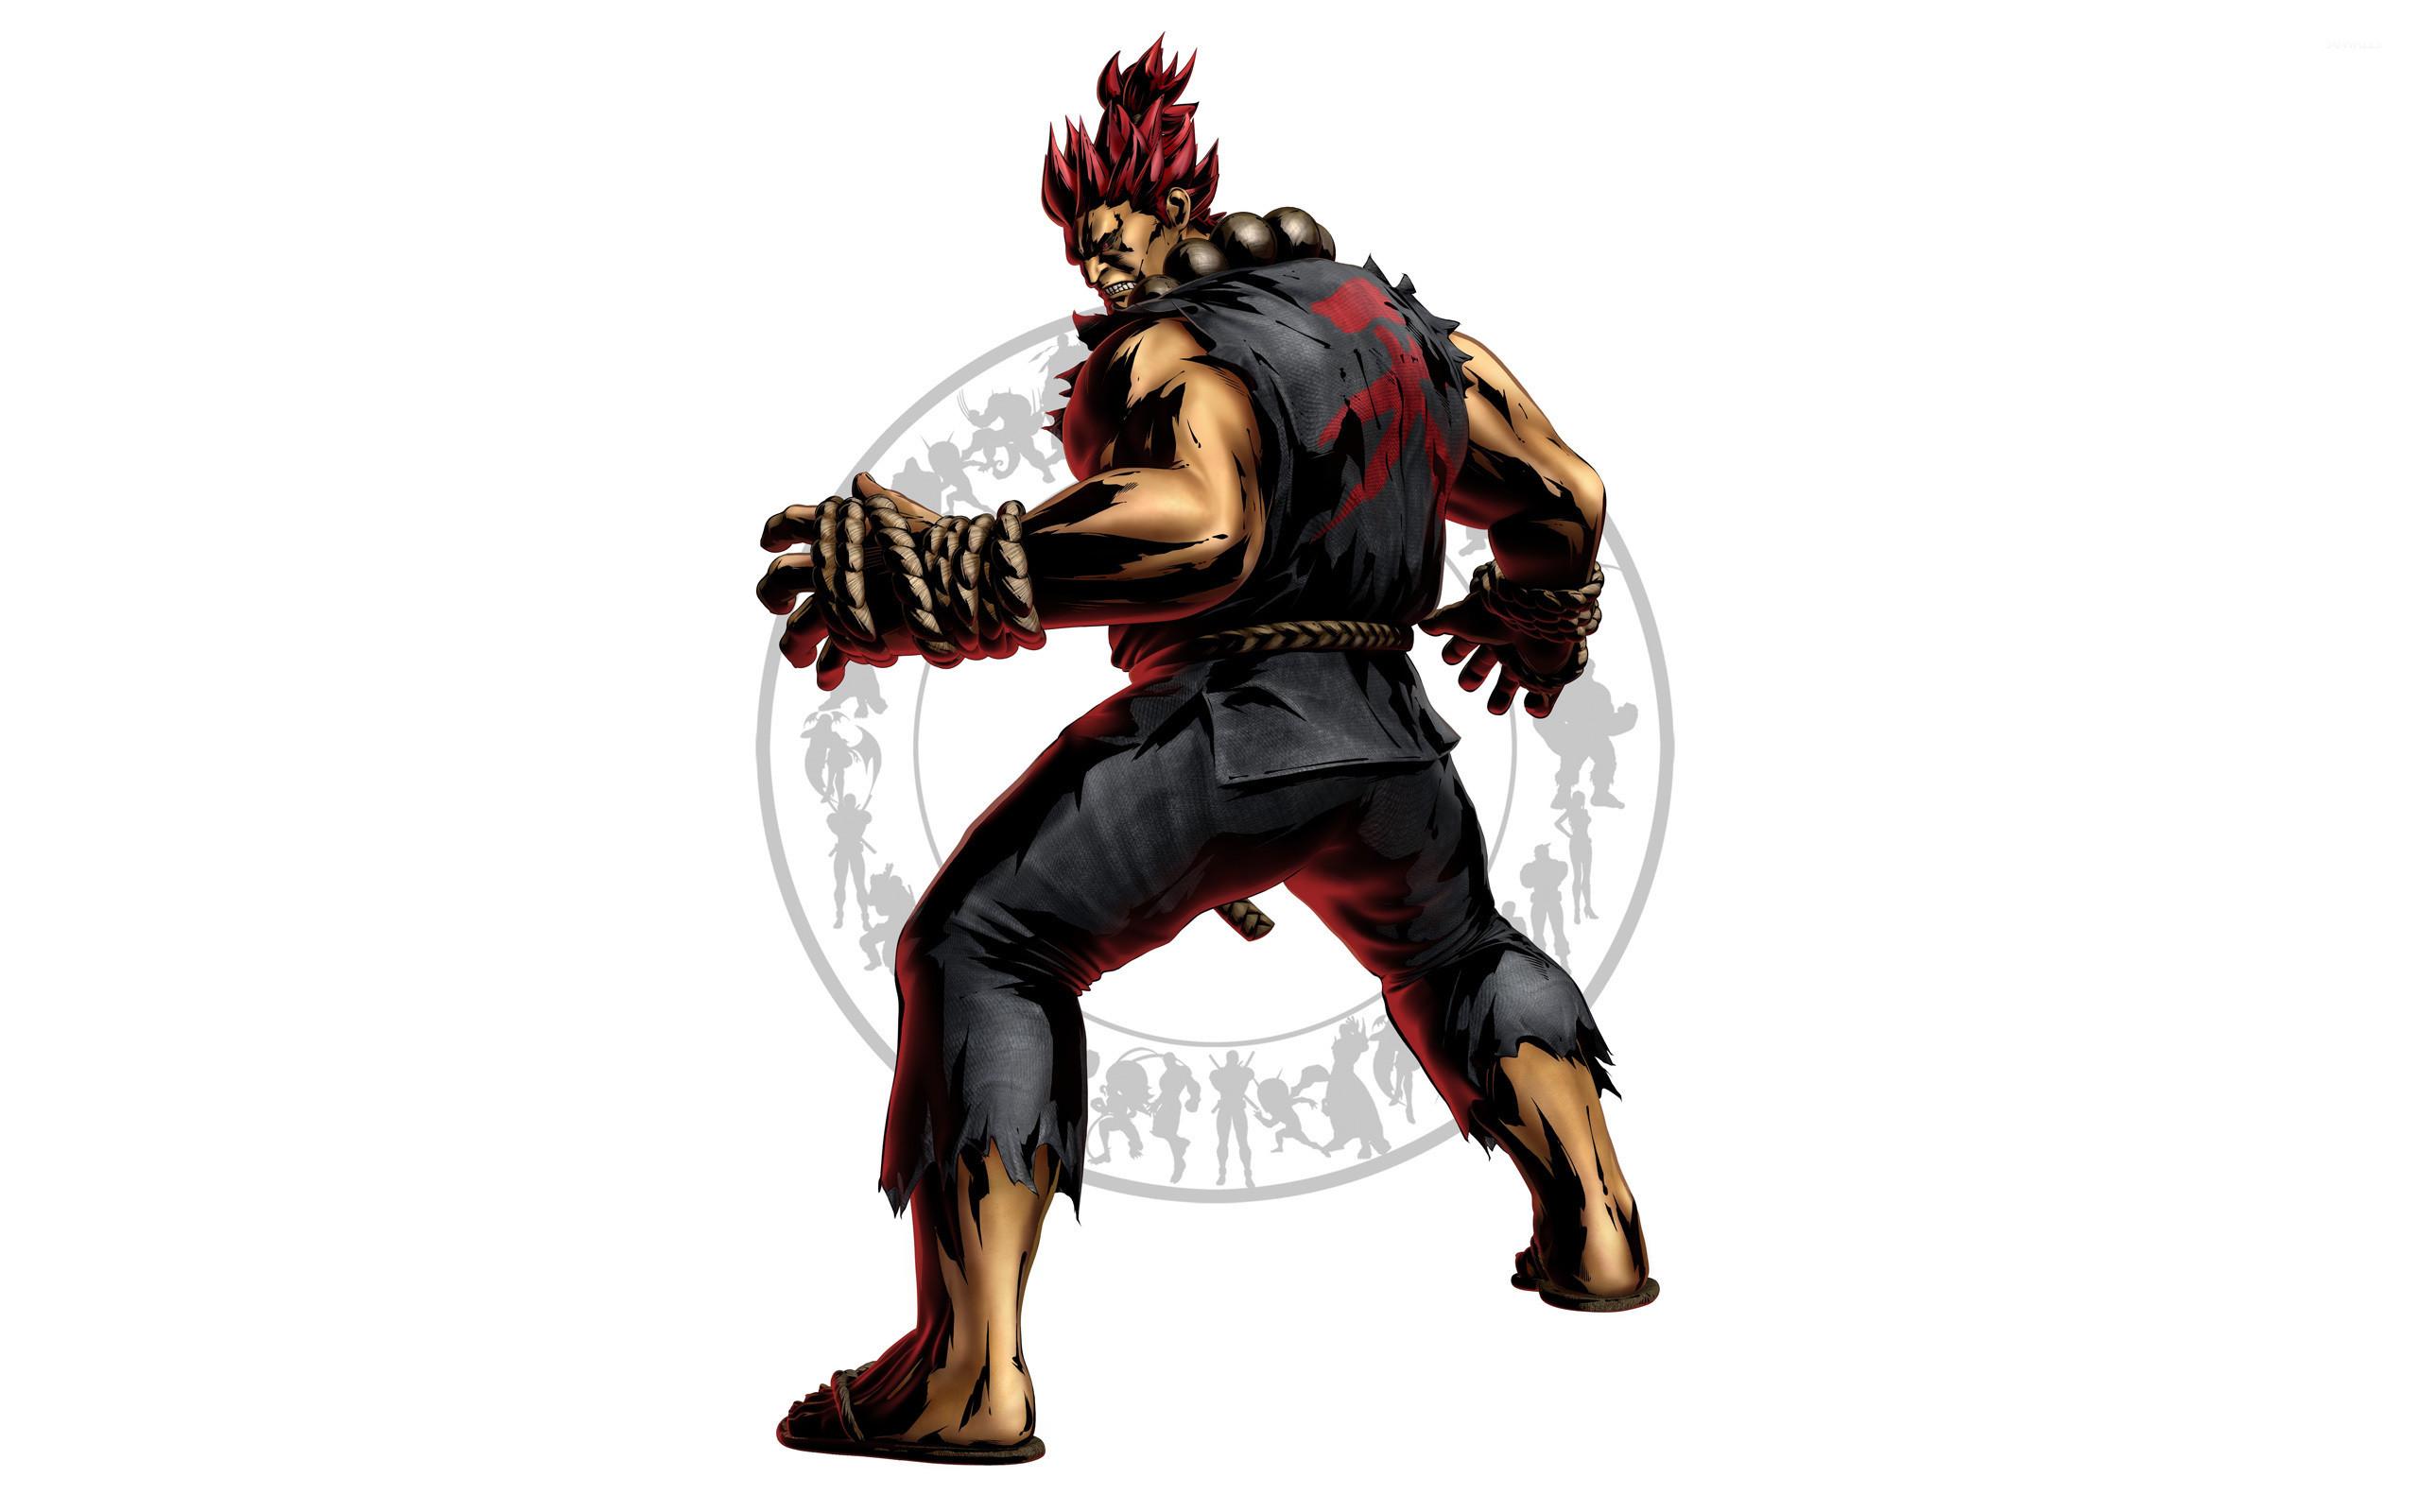 Res: 2560x1600, Capcom 3 - Akuma wallpaper